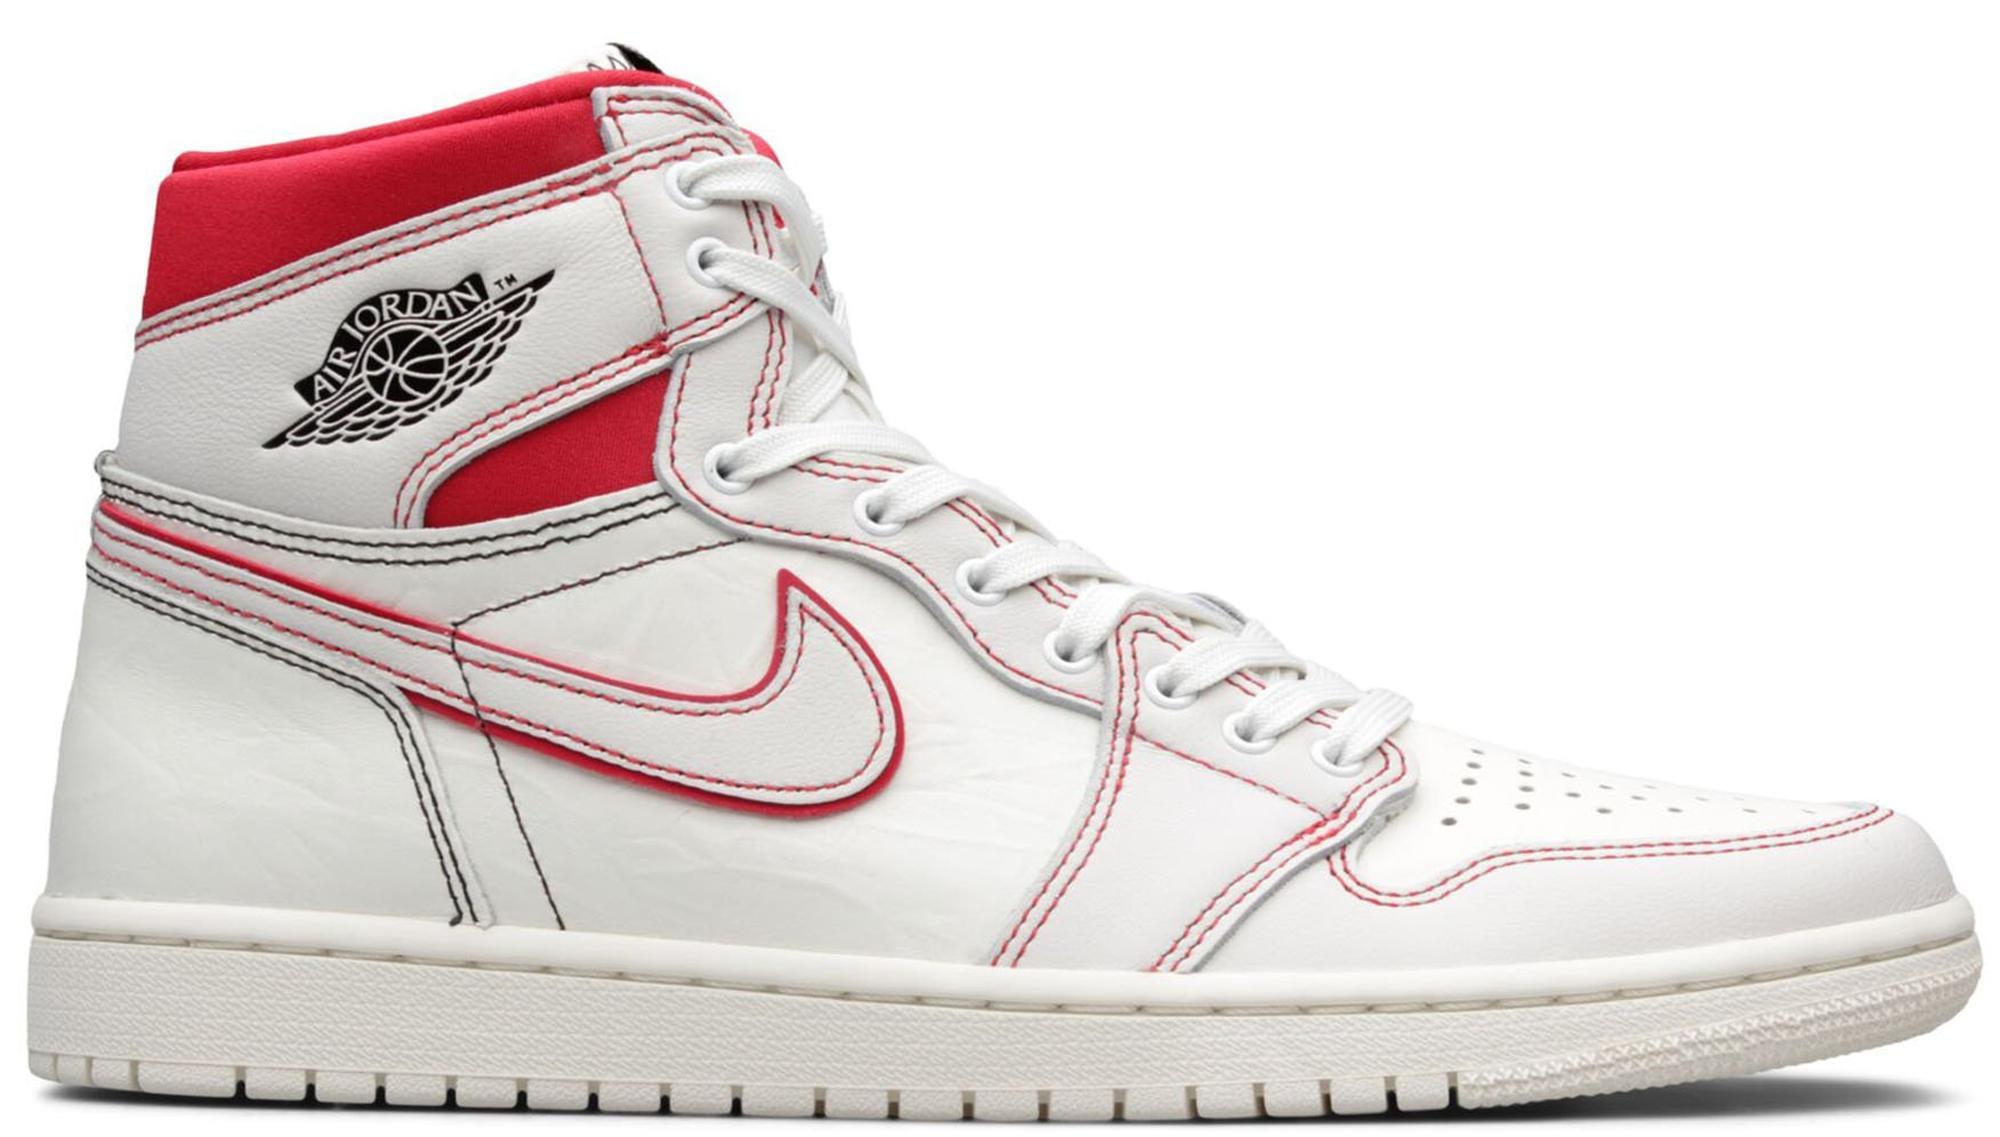 b500246b Lyst - Nike 1 Retro High Phantom Gym Red (gs) for Men